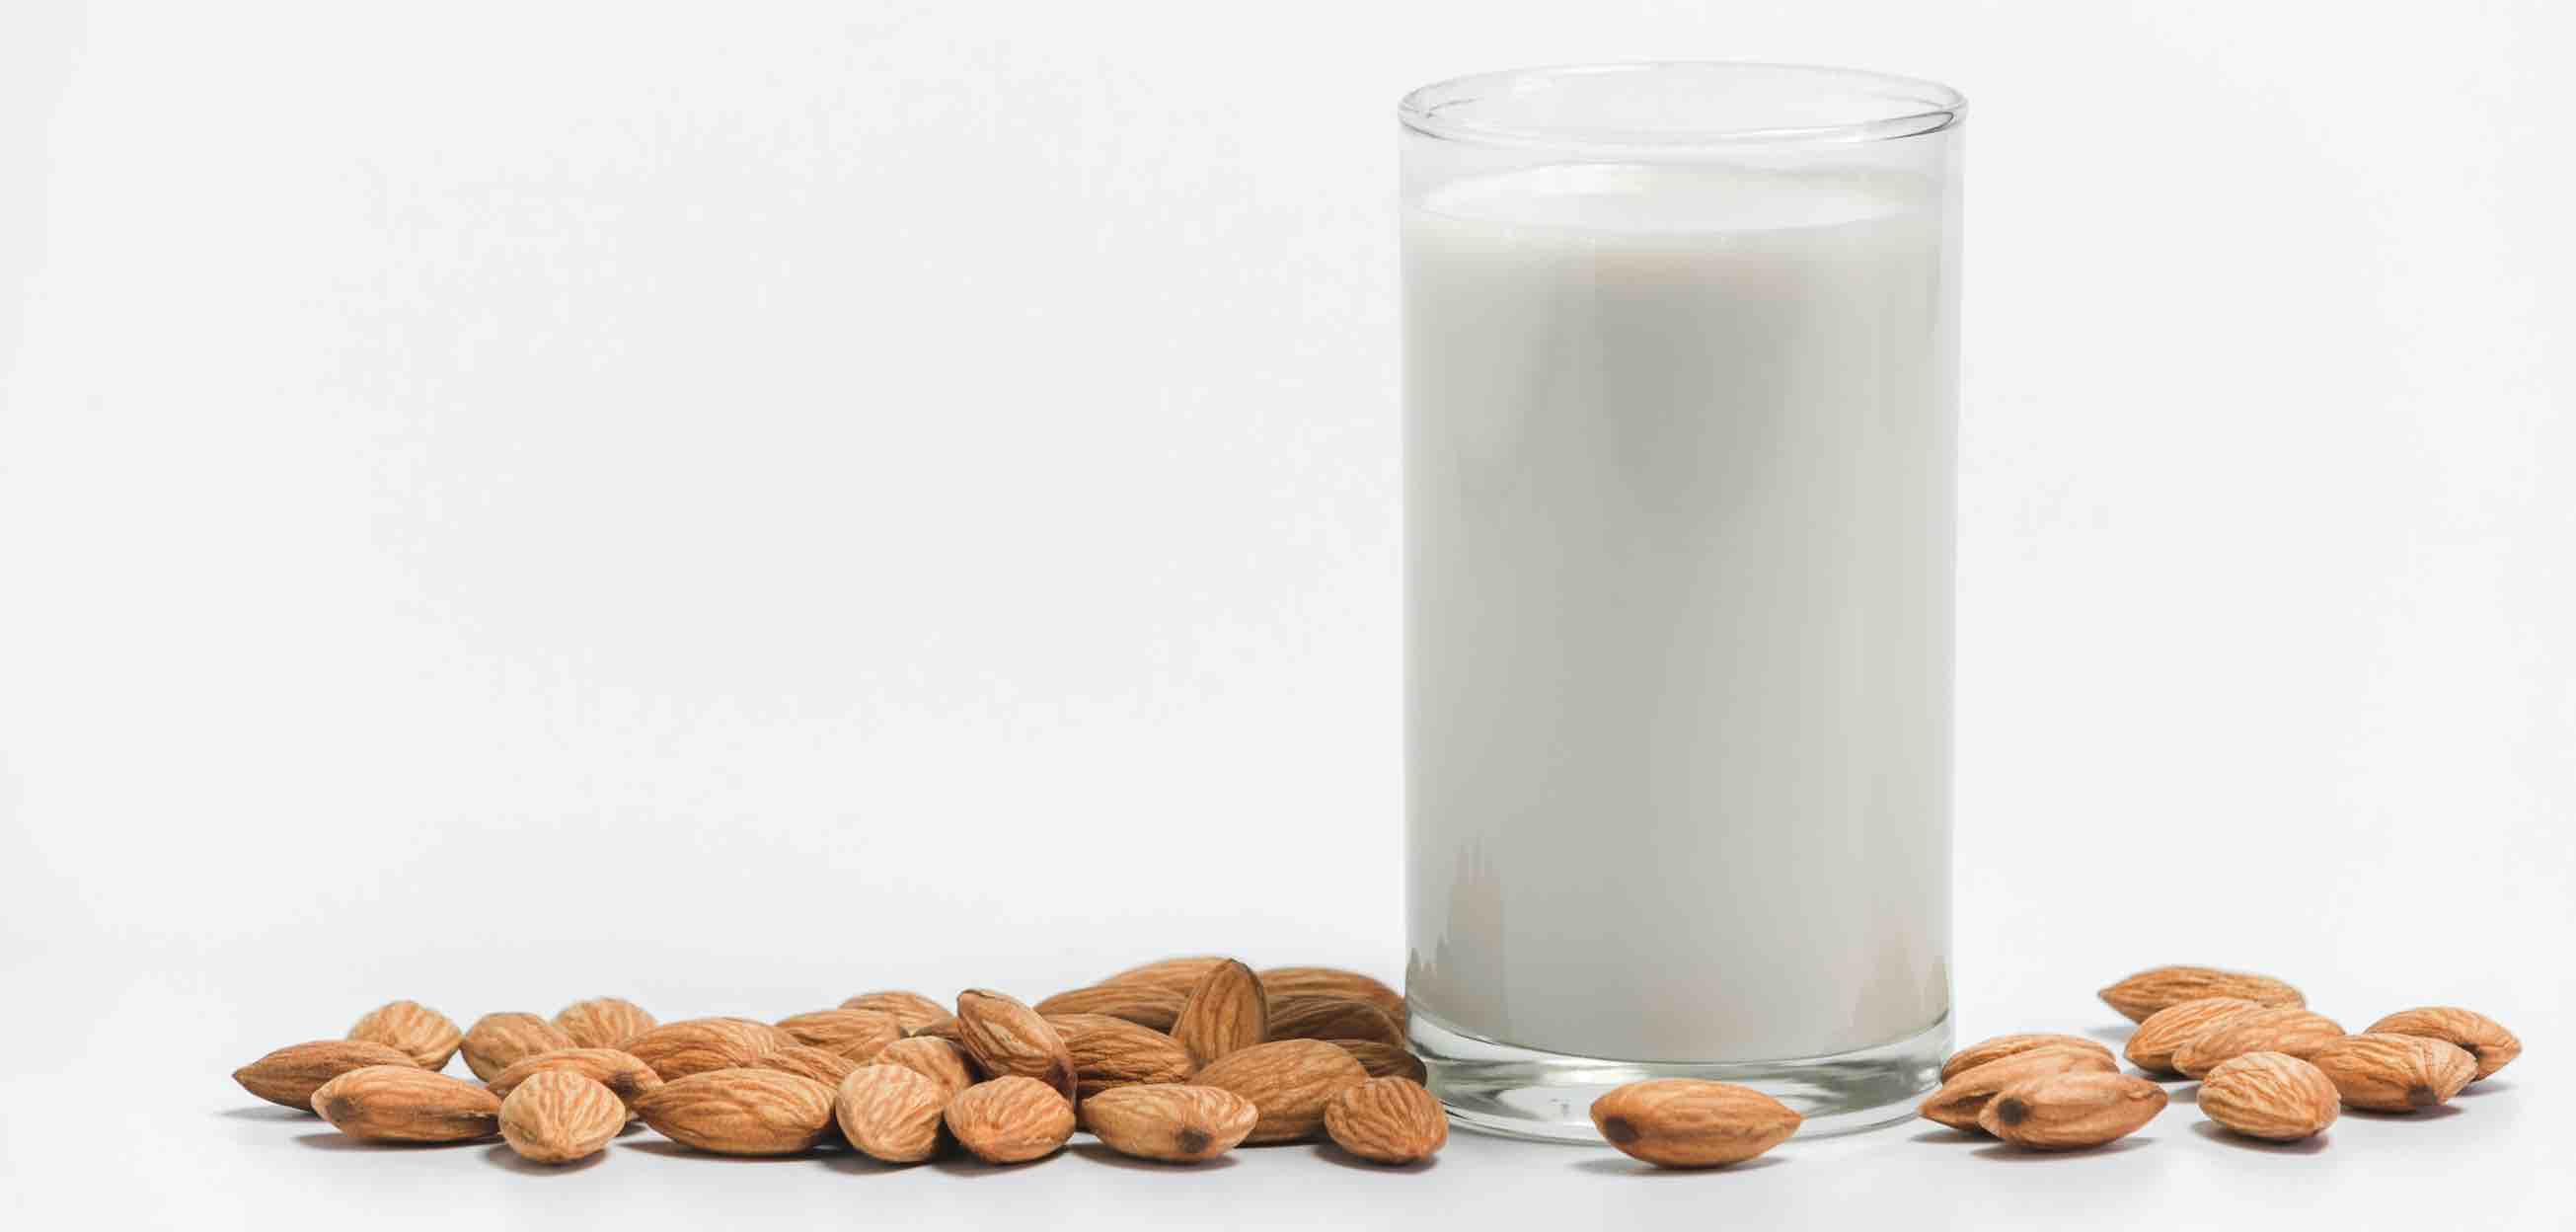 Contraindicaciones de consumir leche de almendras